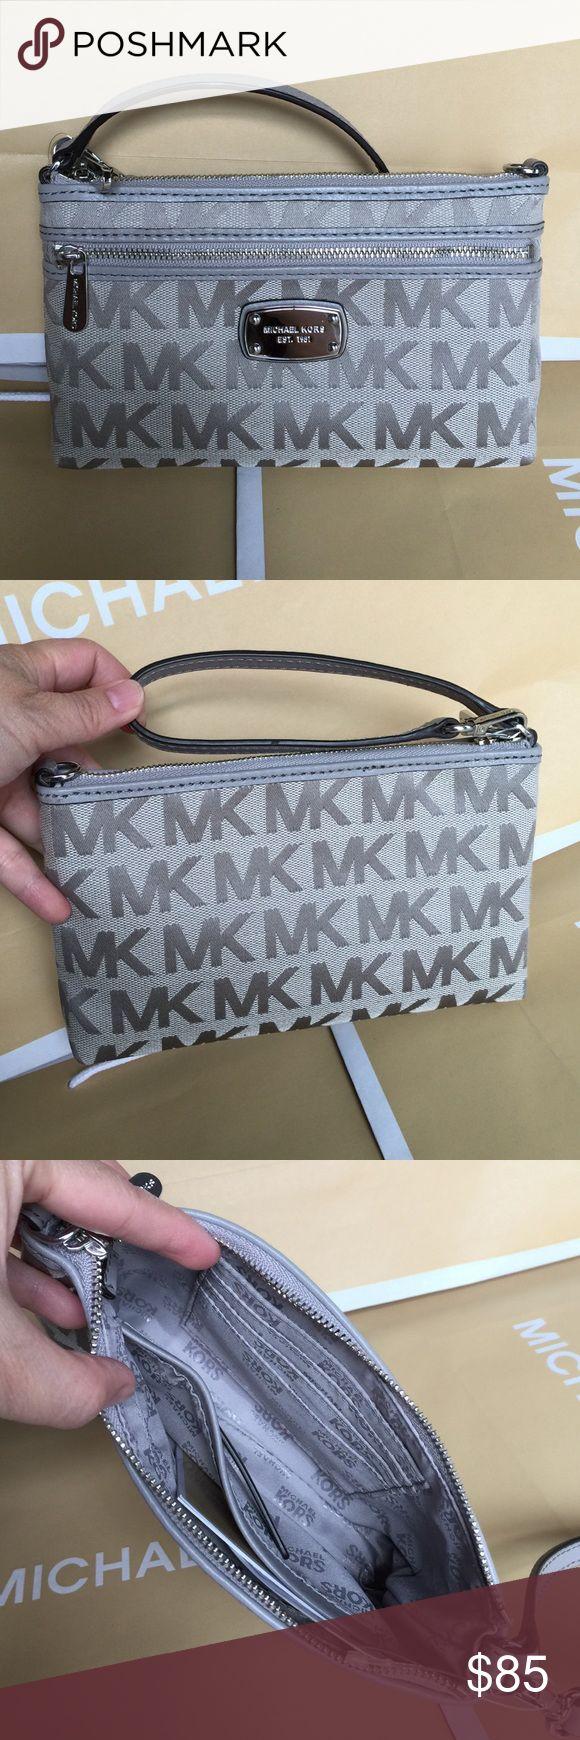 Michael Kors Large Wristlet 100% Authentic Michael Kors Large Size Wristlet, brand new with tag! Michael Kors Bags Clutches & Wristlets